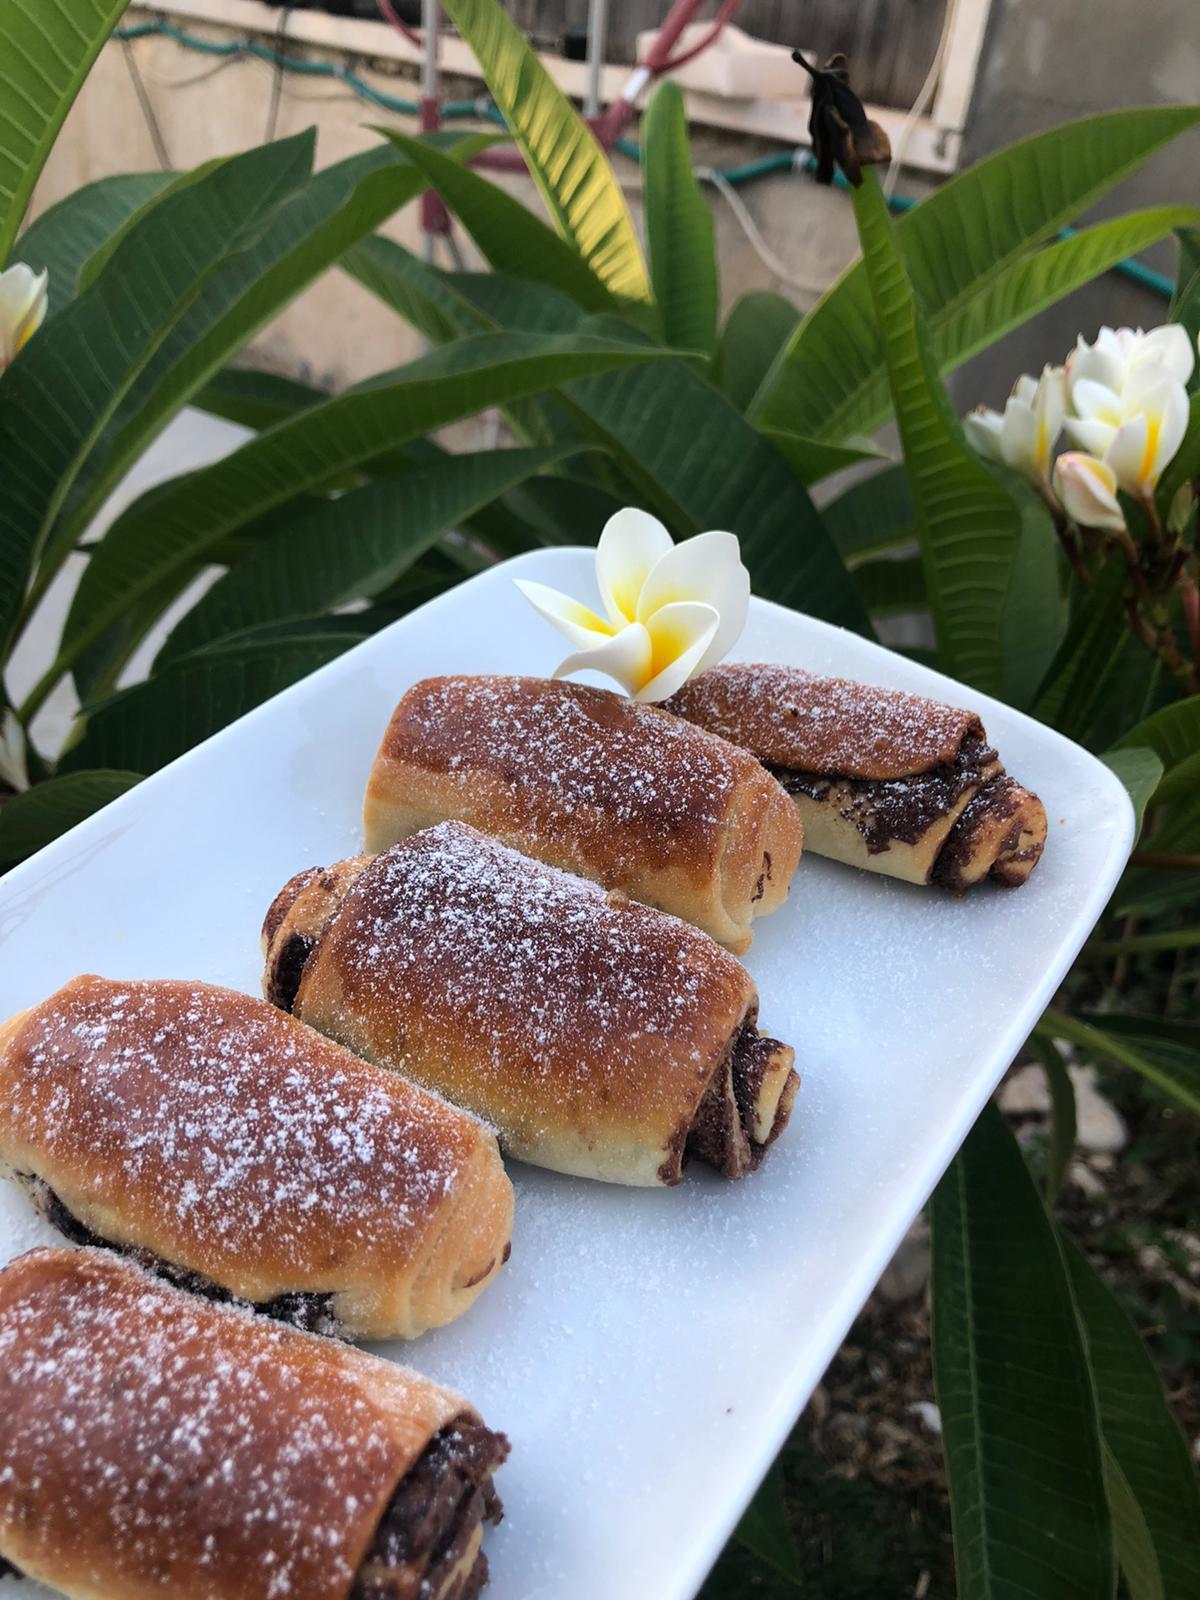 Les pains aux chocolats israéliens